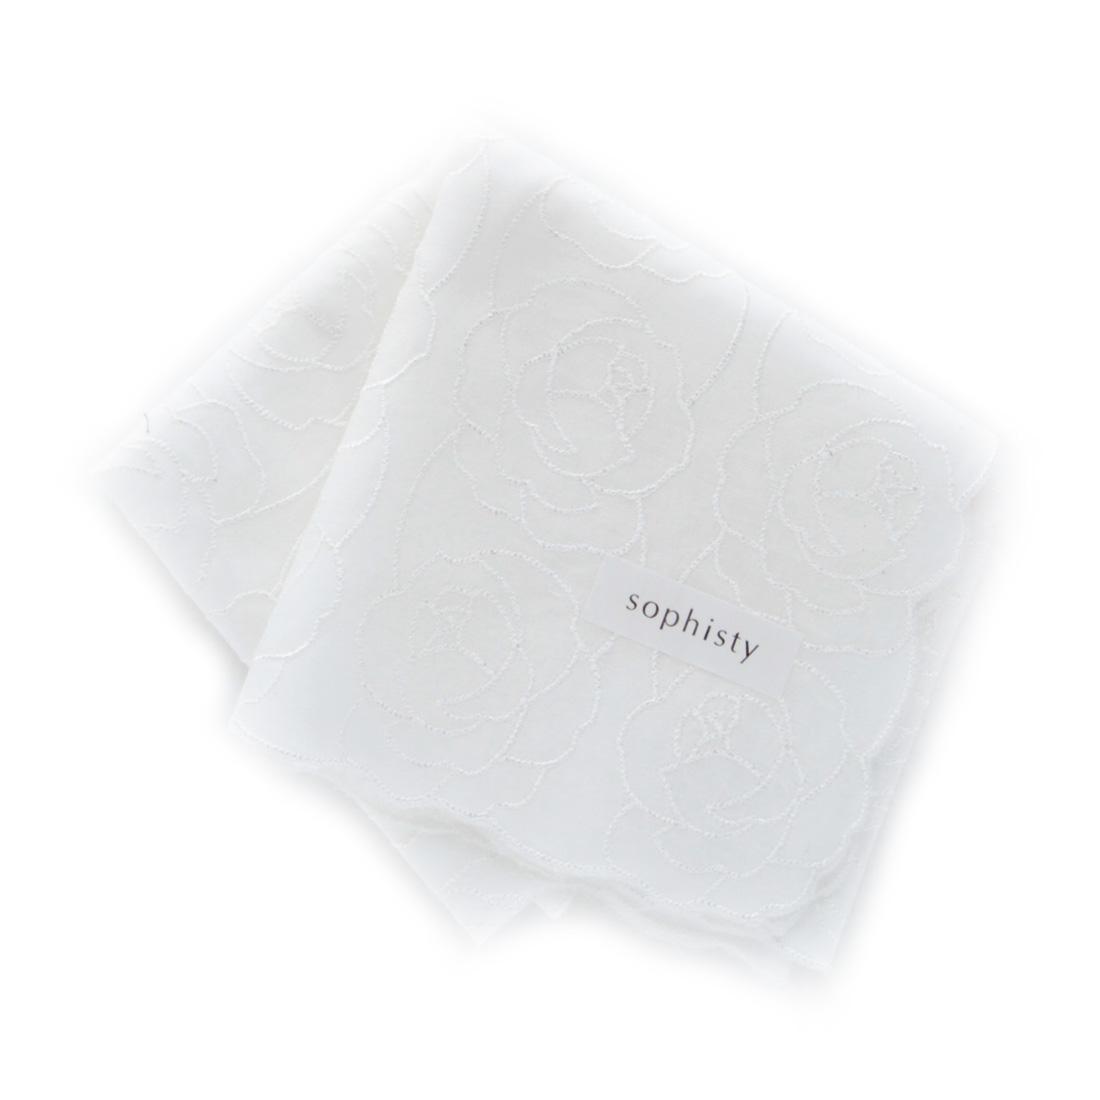 ソフィスティ 刺繍入りハンカチ 0201 アイボリー